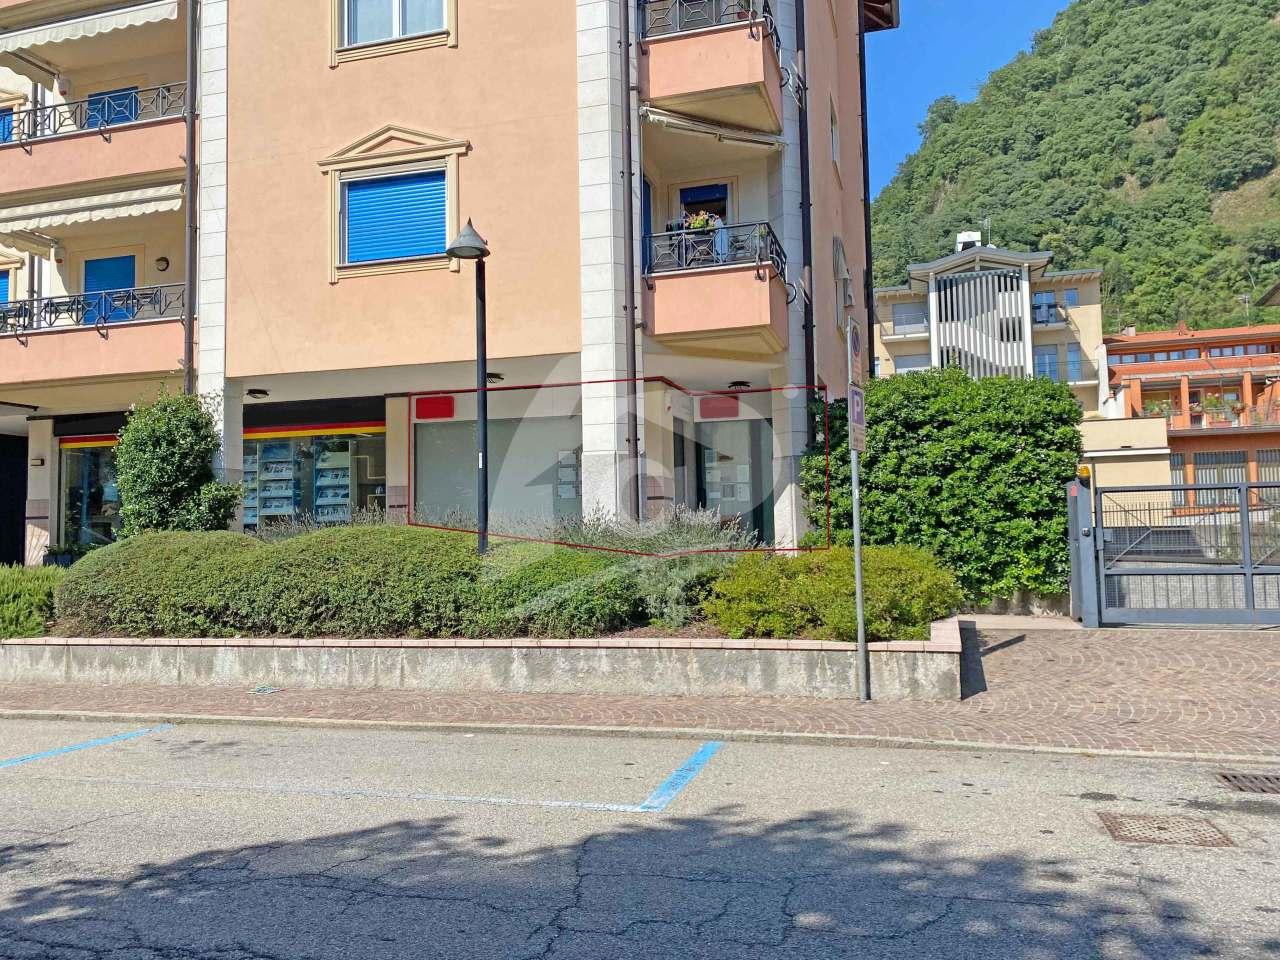 Negozio / Locale in vendita a Laveno-Mombello, 1 locali, prezzo € 280.000   PortaleAgenzieImmobiliari.it